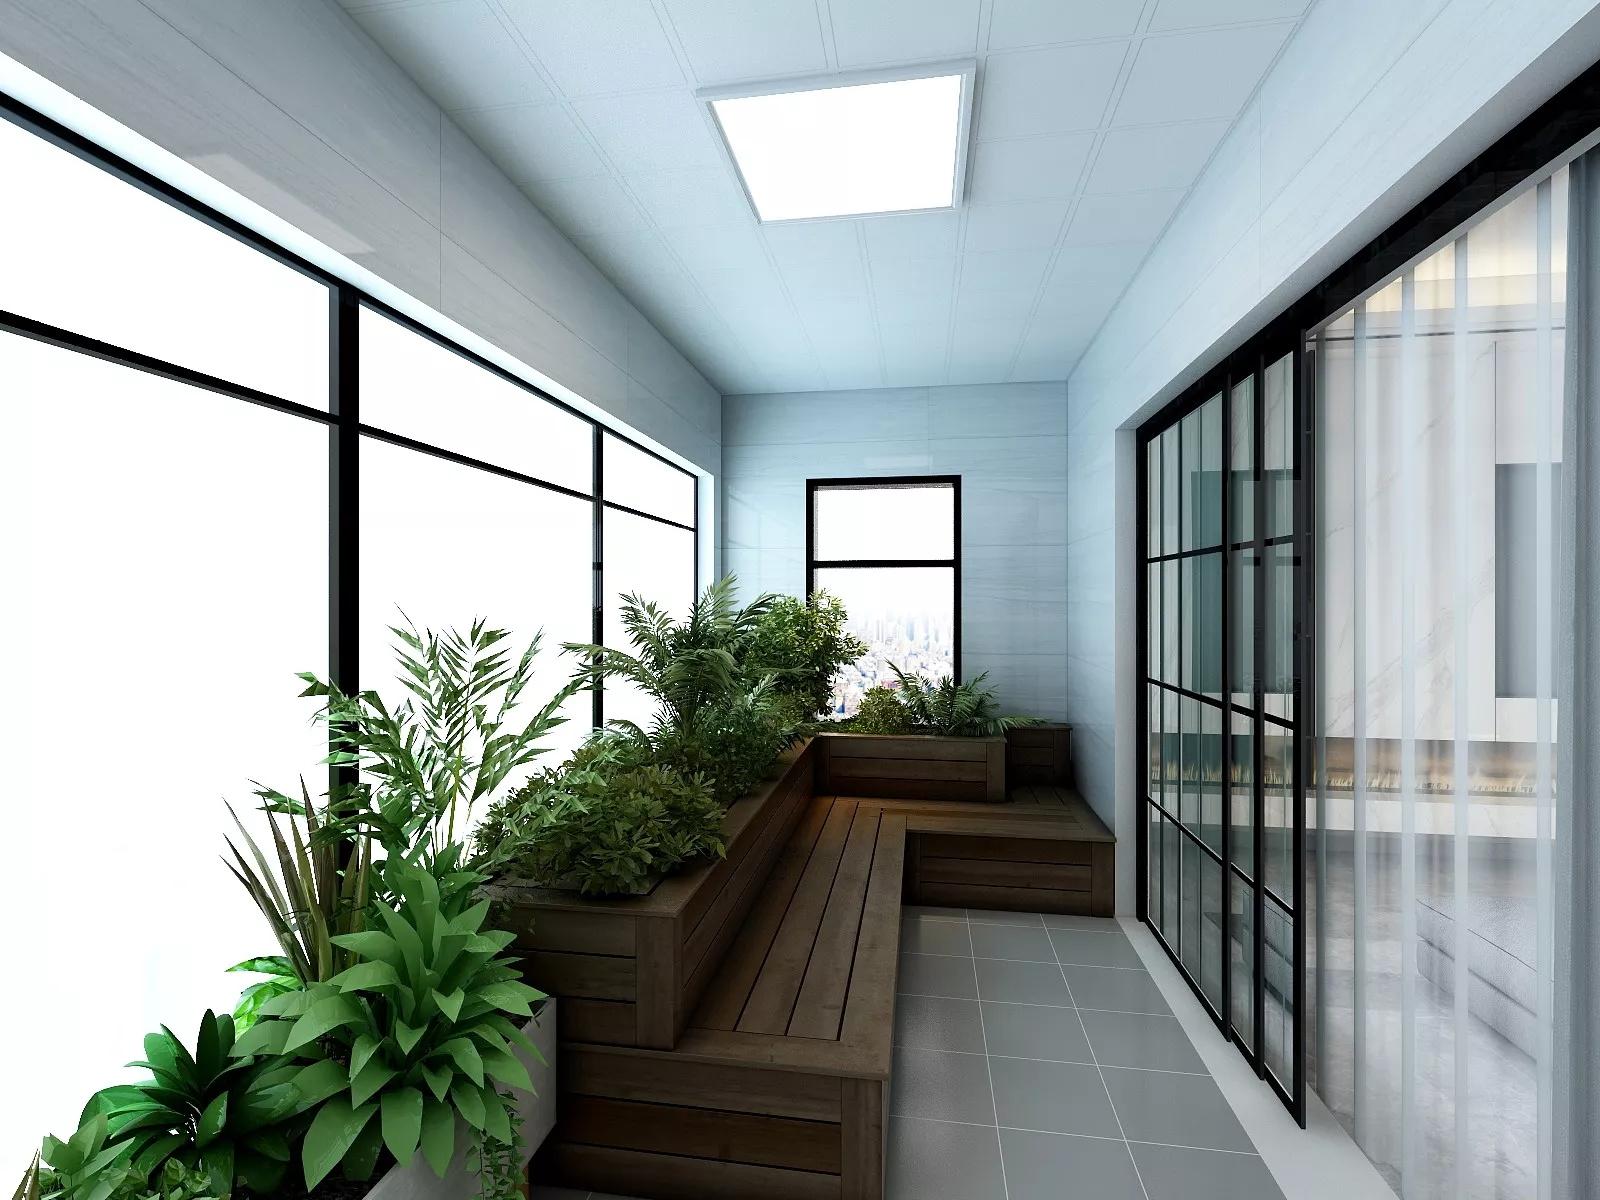 客厅电视墙贴瓷砖的优点 瓷砖背景墙装修注意事项